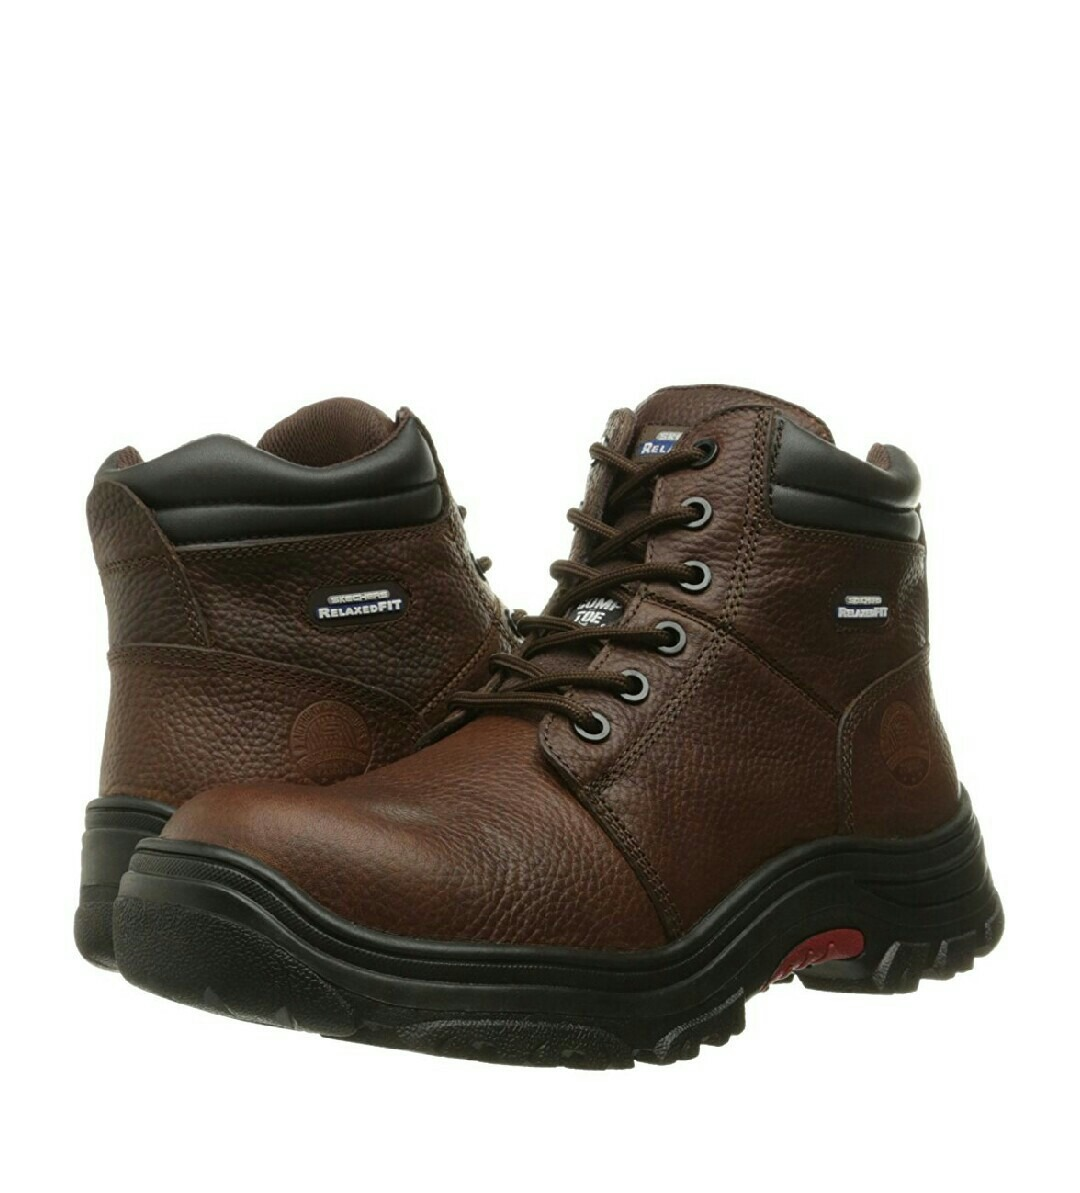 Momento Ru emoción  zapatos de seguridad skechers mujer, Skechers Casual, Sport & Dress Shoes